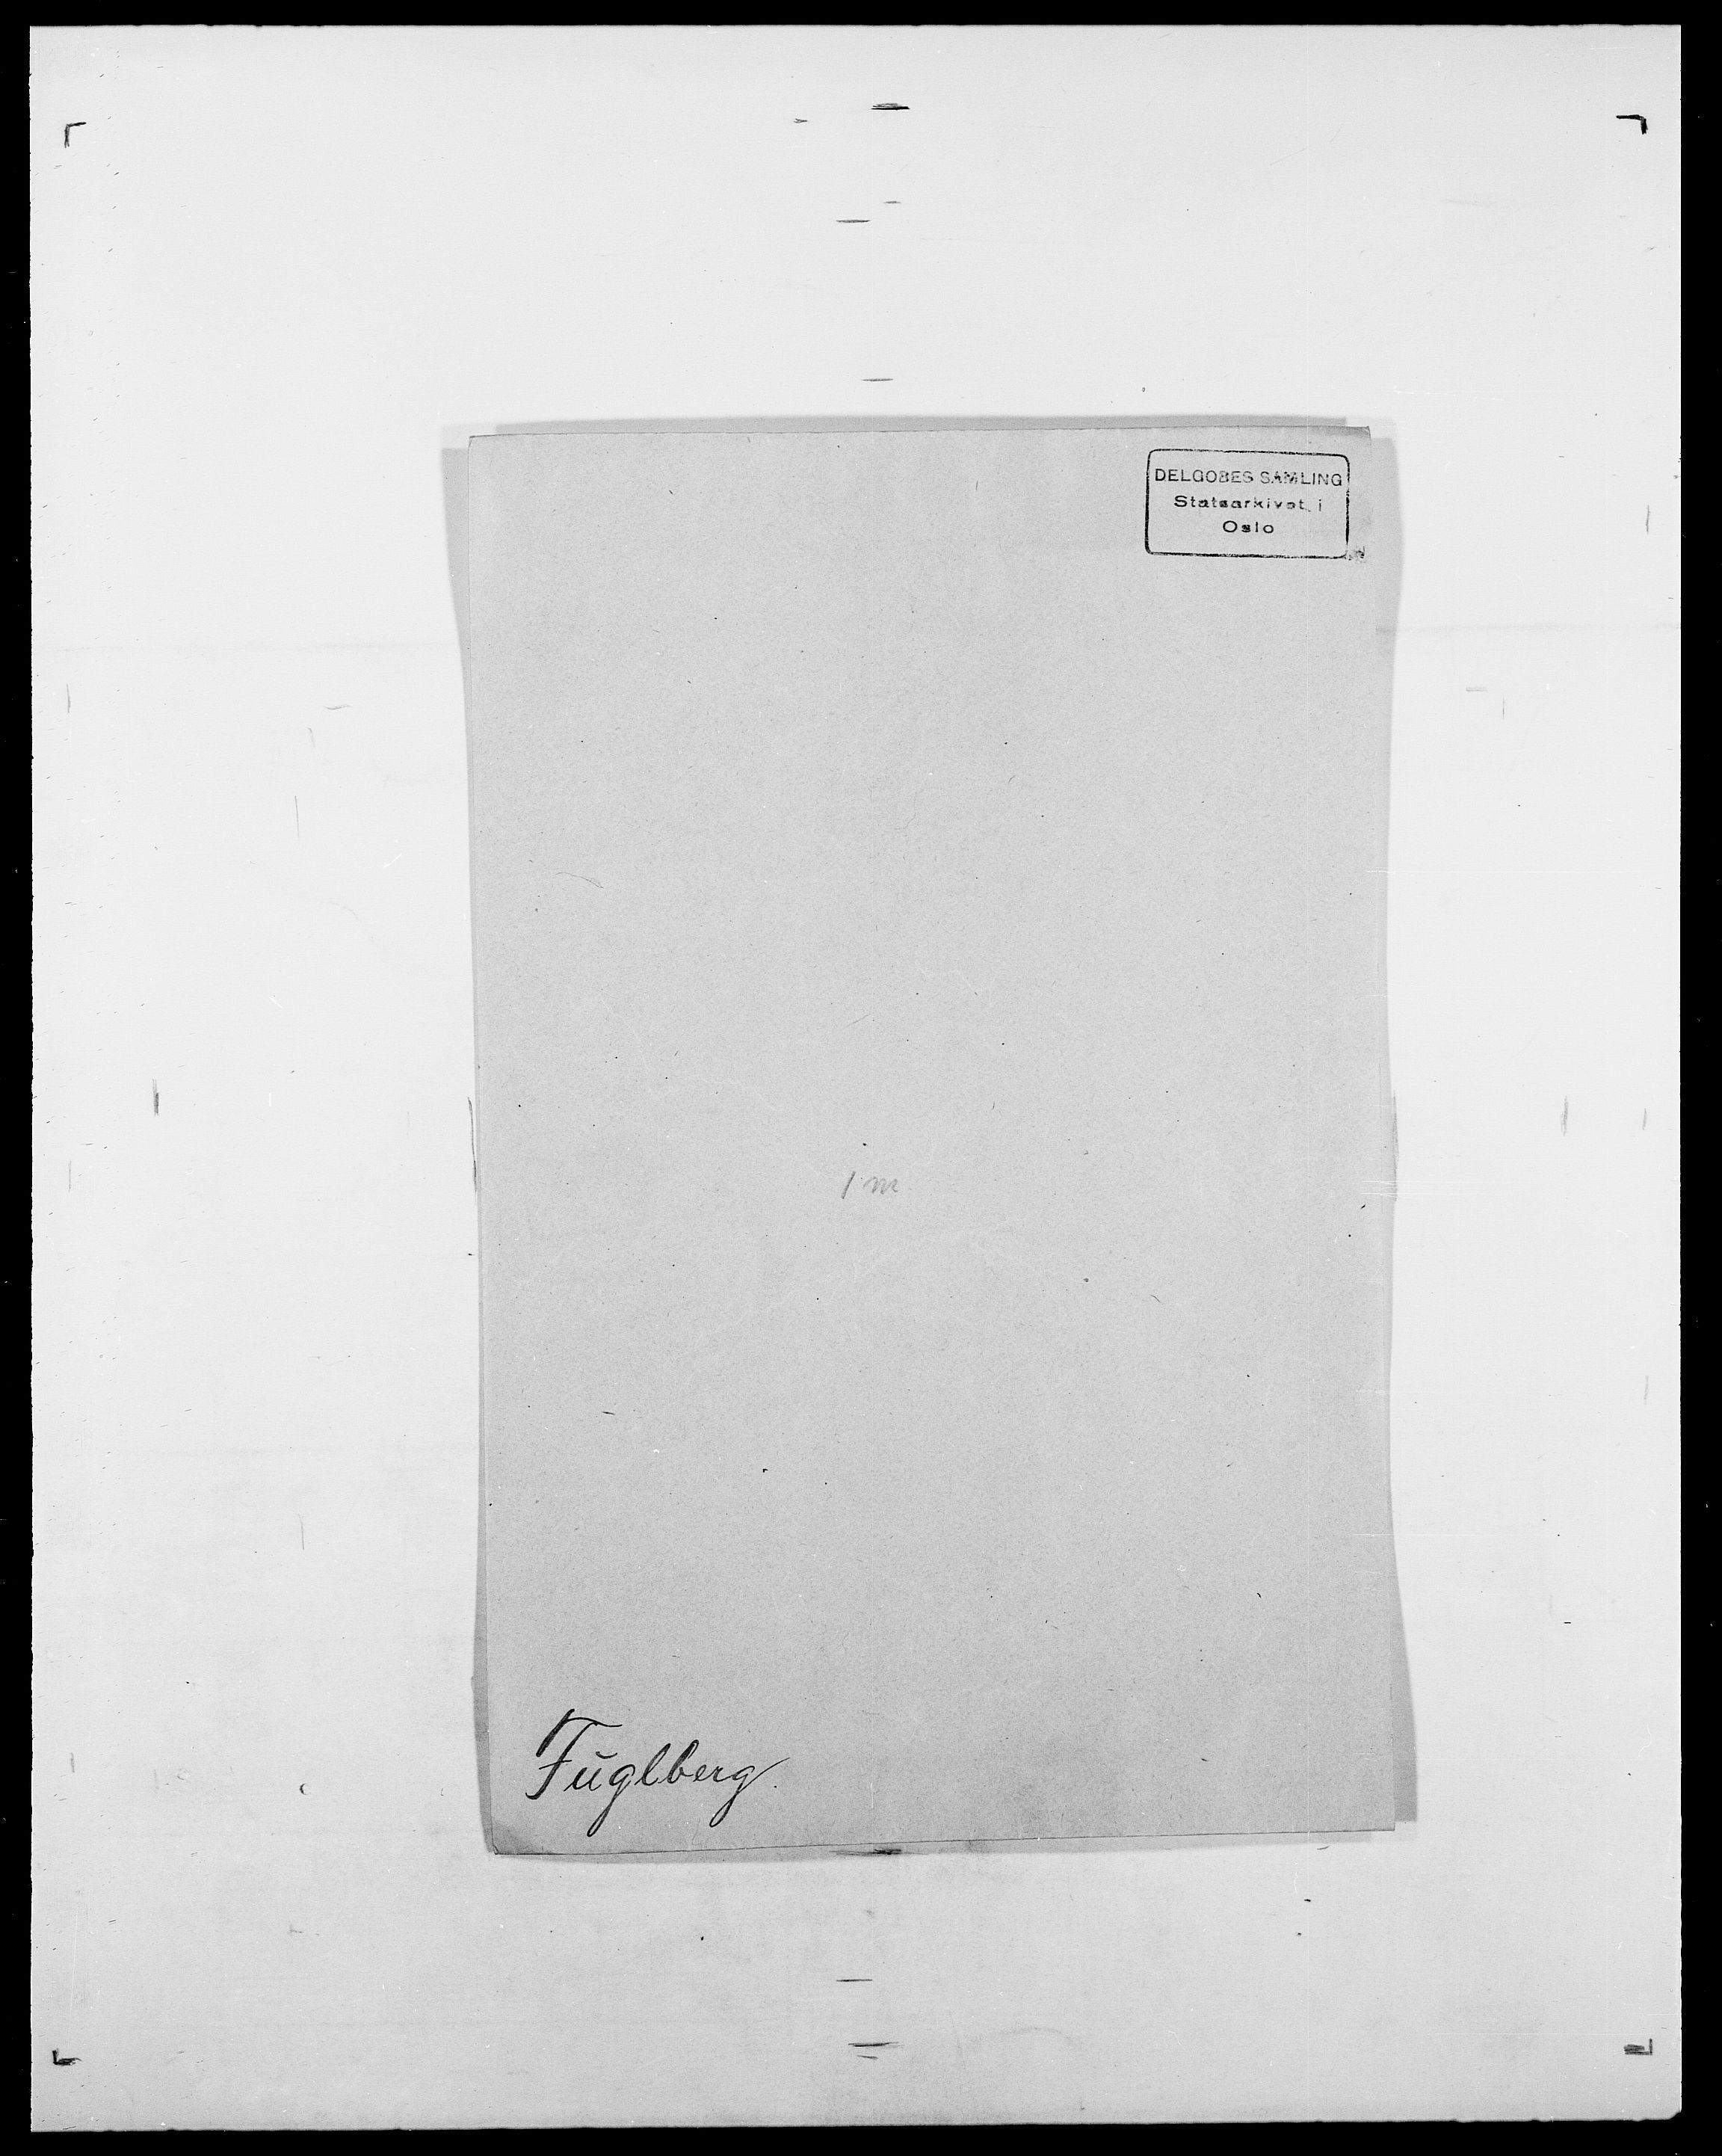 SAO, Delgobe, Charles Antoine - samling, D/Da/L0013: Forbos - Geving, s. 156